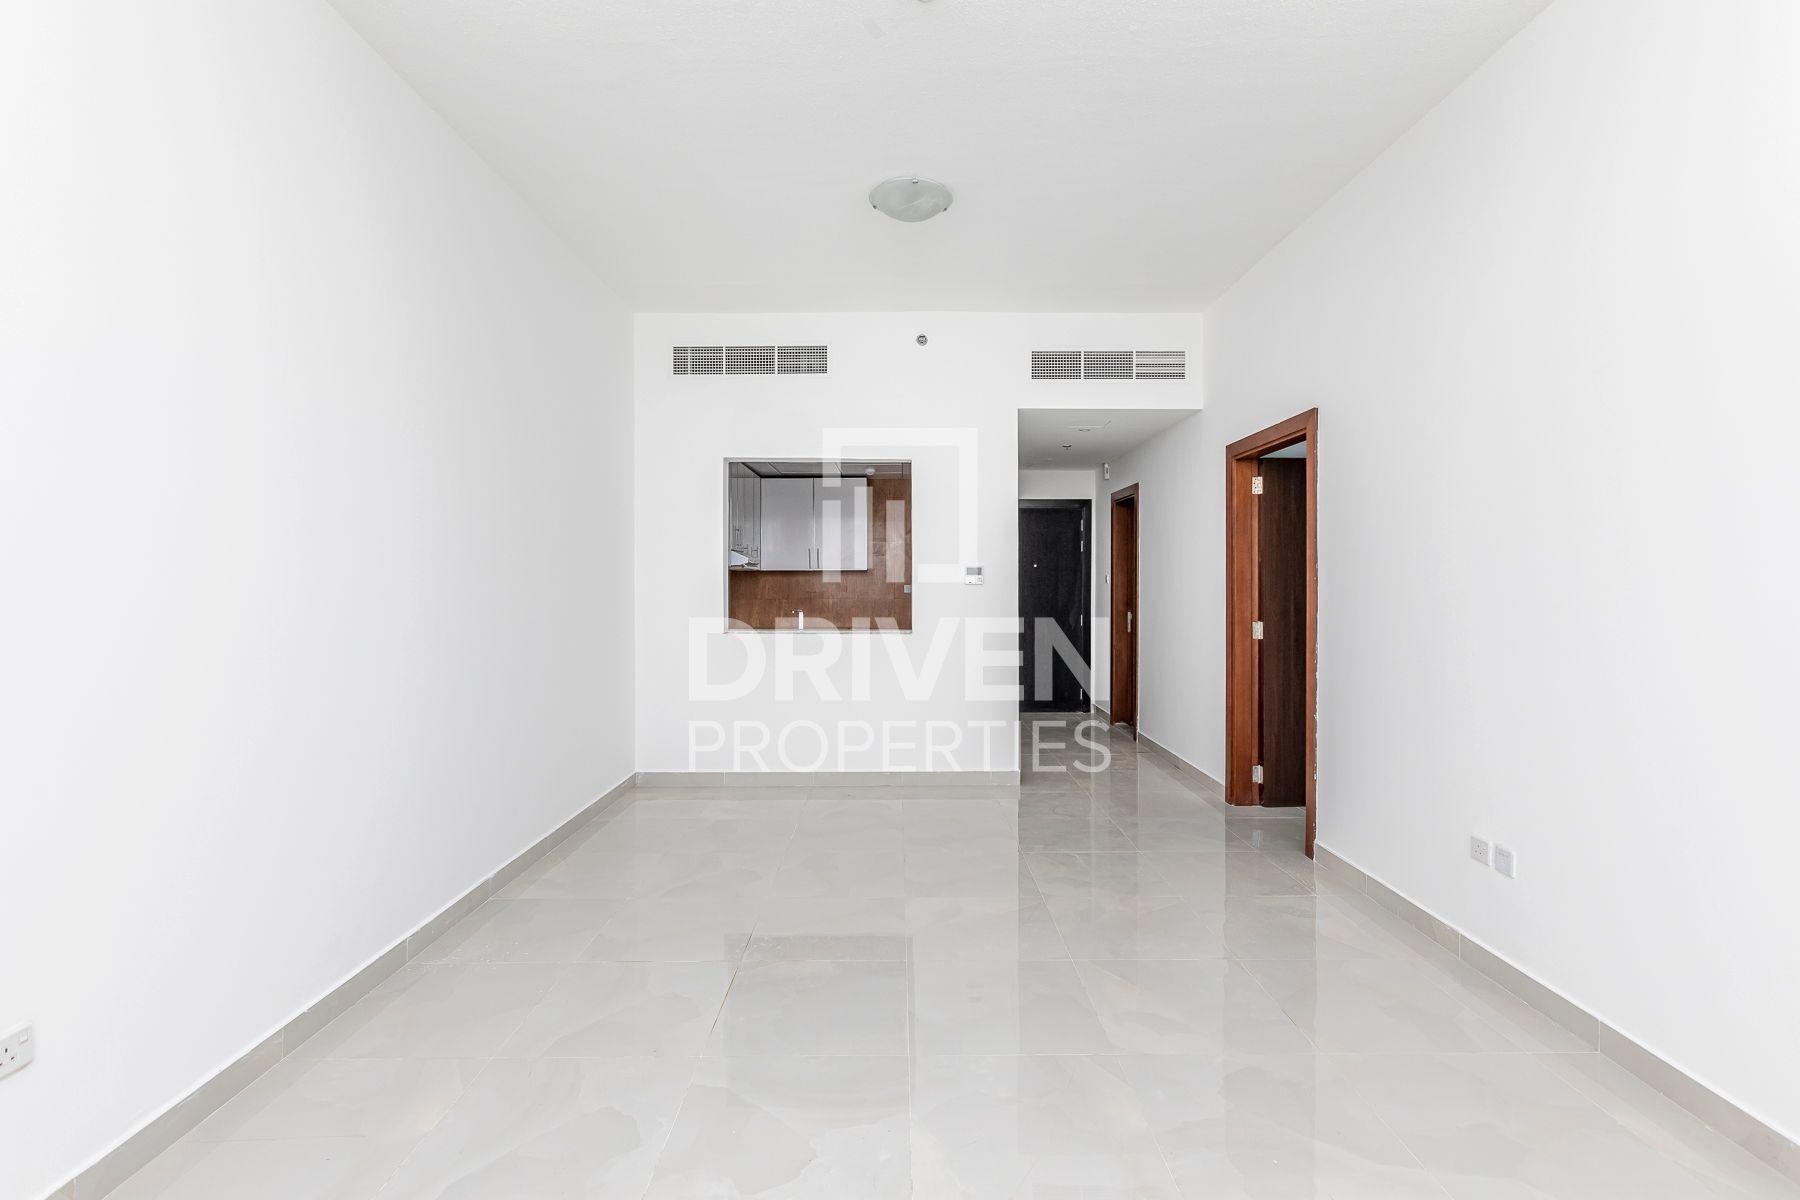 للايجار - شقة - منطقة 11 - قرية الجميرا سركل